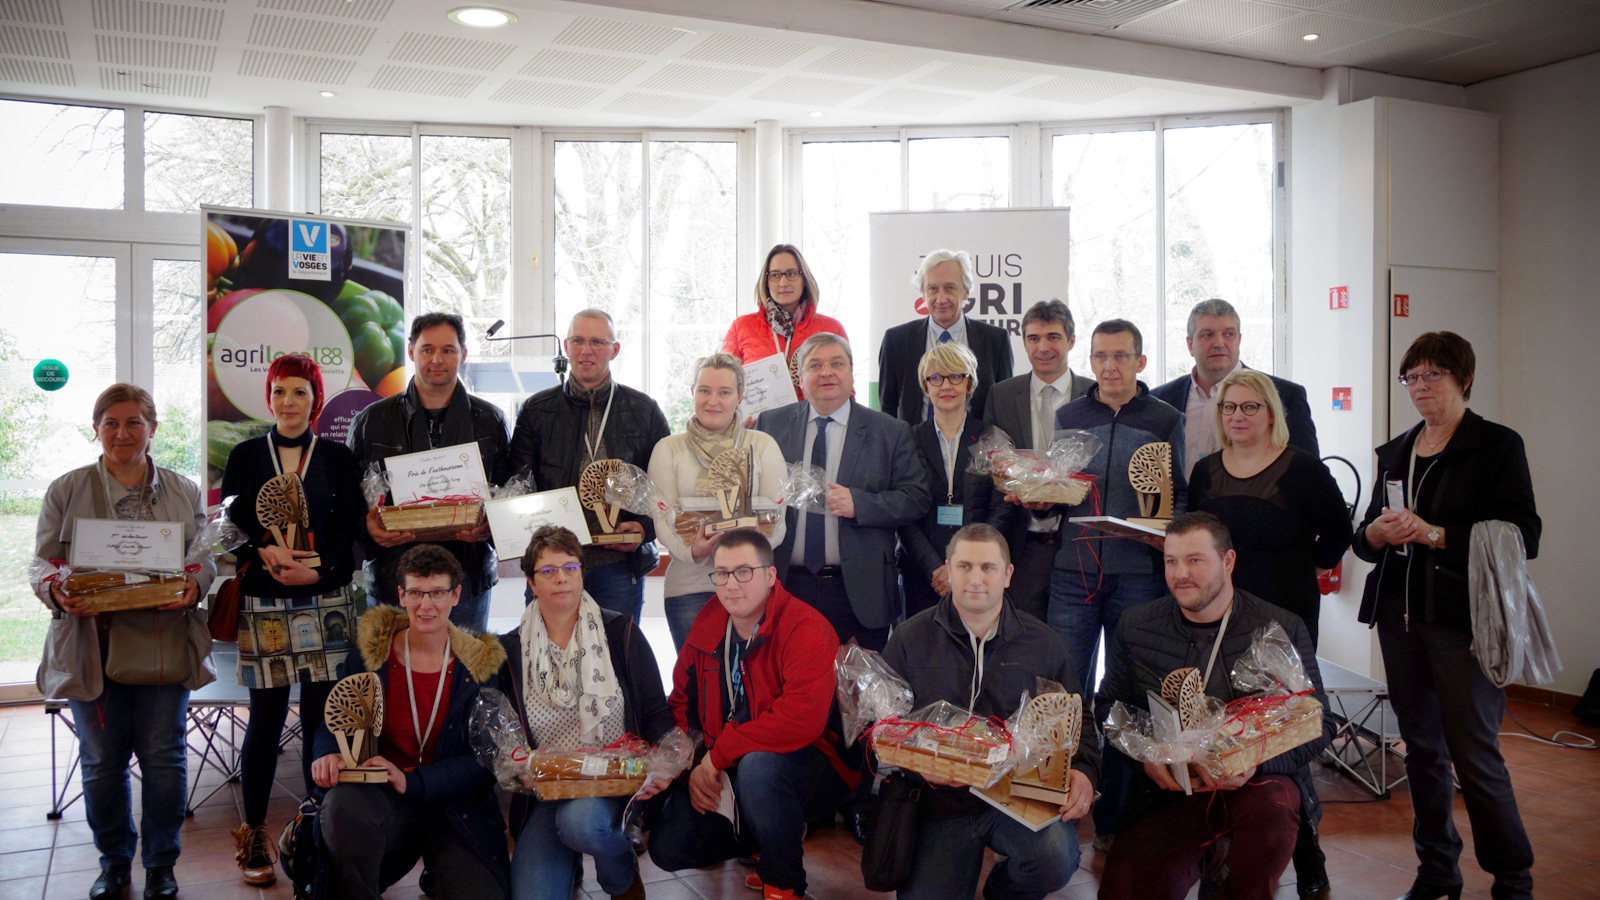 Trophées Agrilocal88 - 13 mars 2019